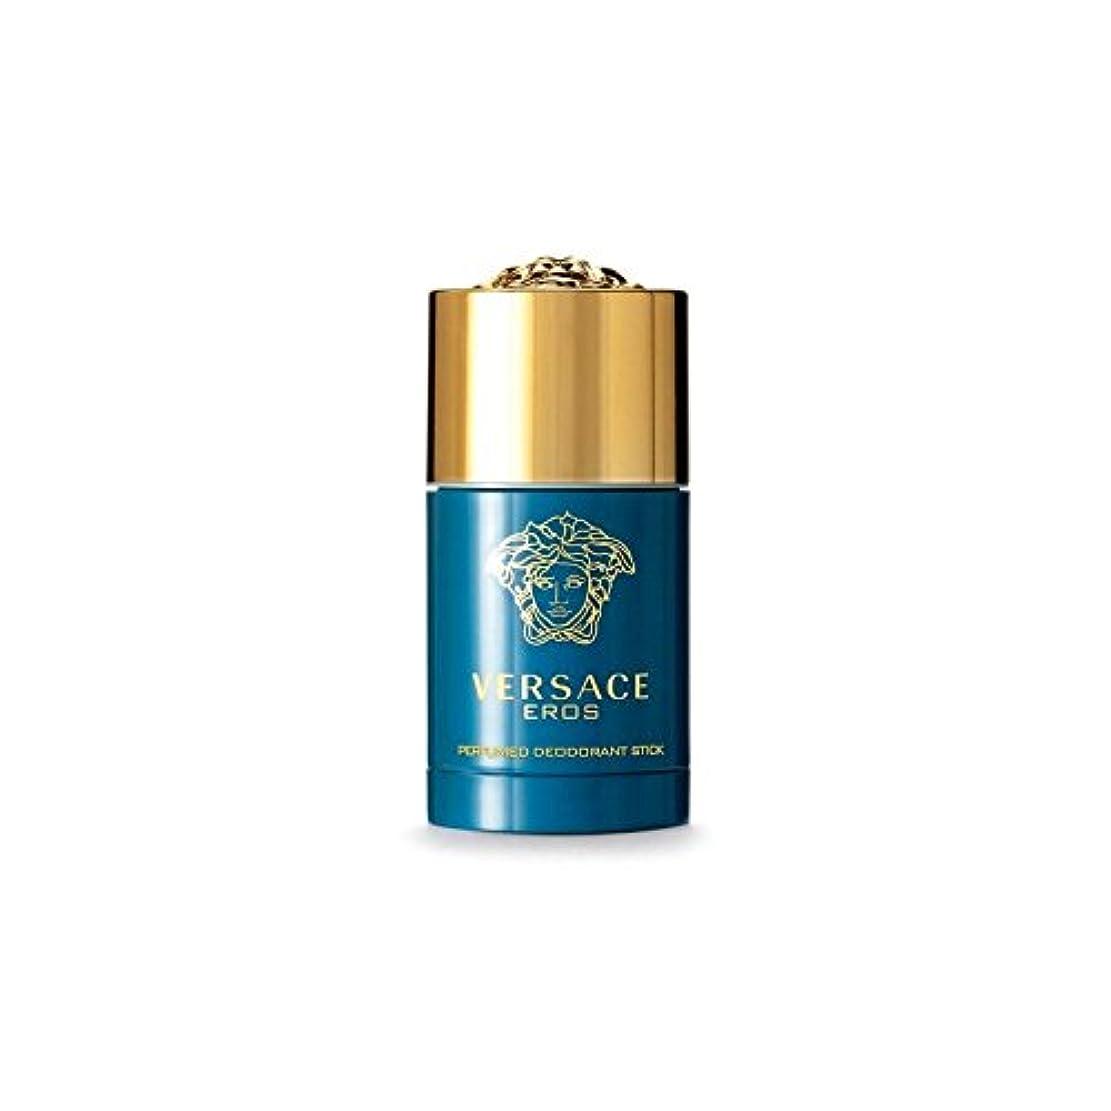 口頭コーデリア変装Versace Eros Deodorant Stick (75ml) - ヴェルサーチエロスのデオドラントスティック(75ミリリットル) [並行輸入品]